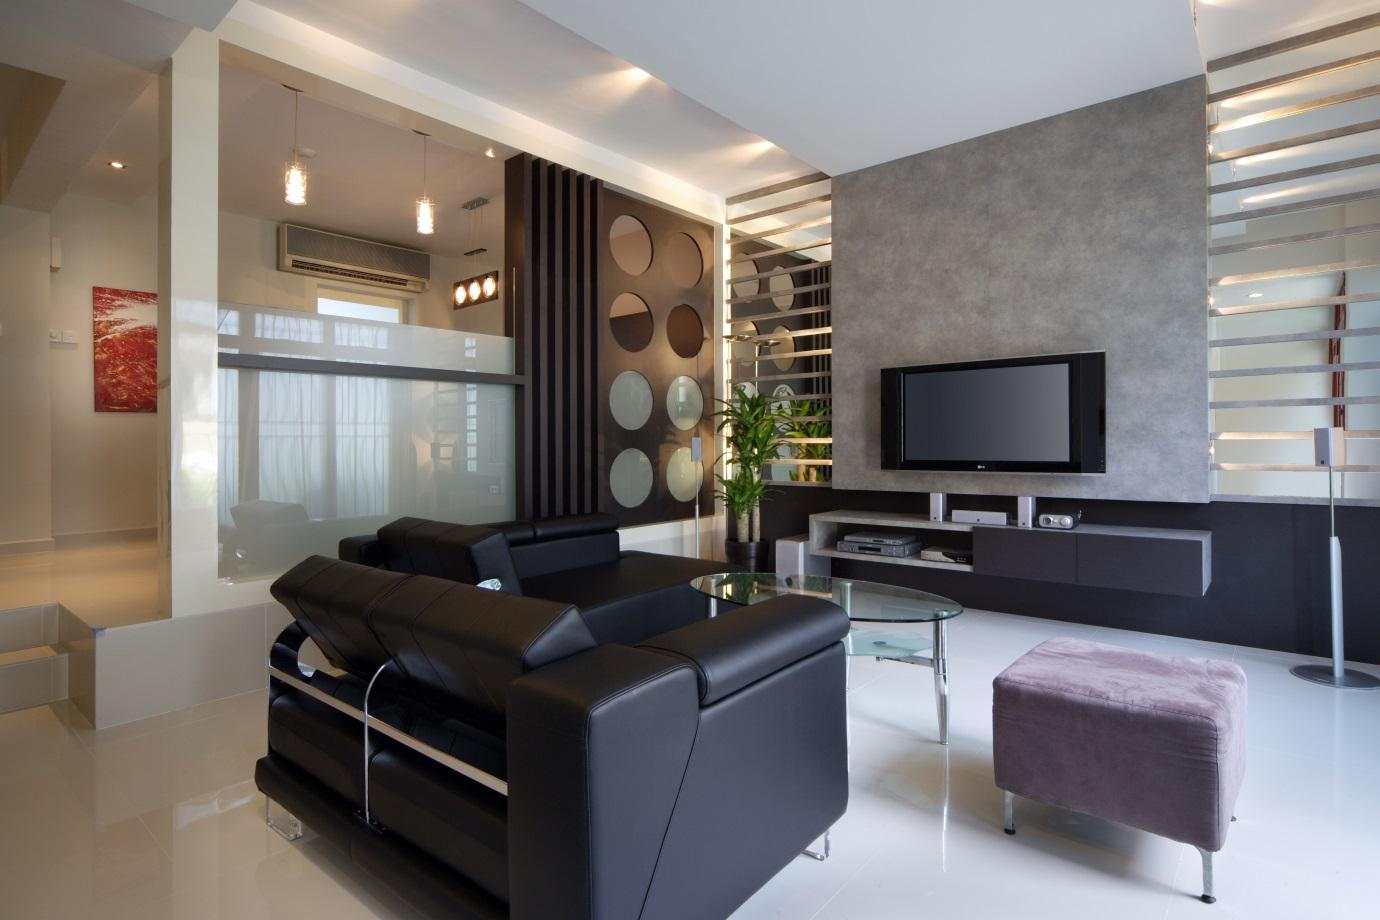 1017201380539AMLiving Room Landed Interior Designjpg Index of images